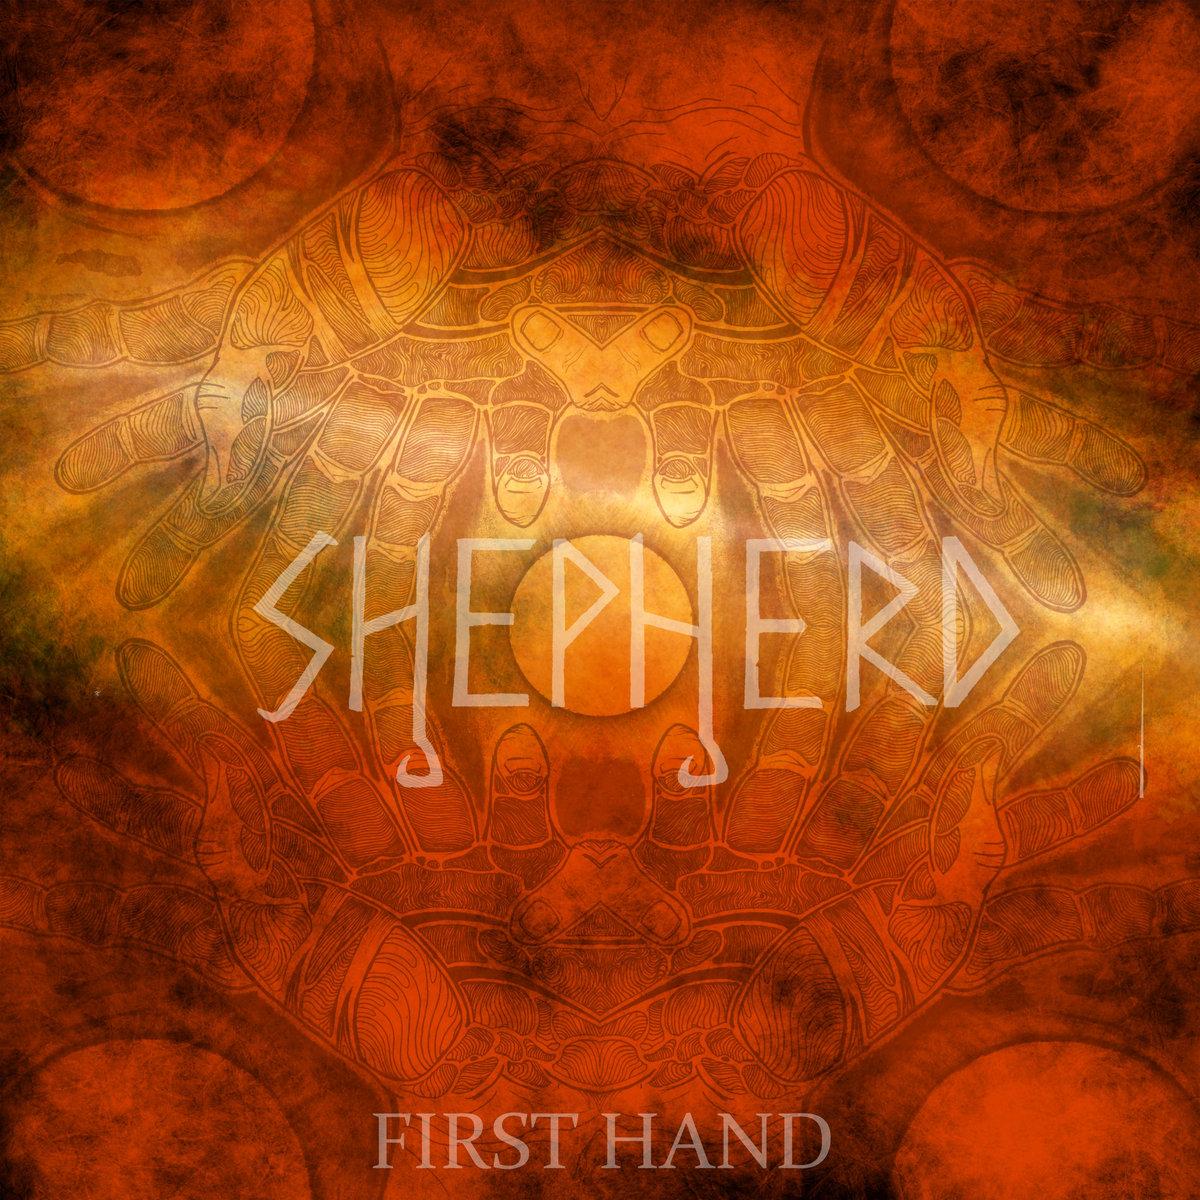 shepherd first hand